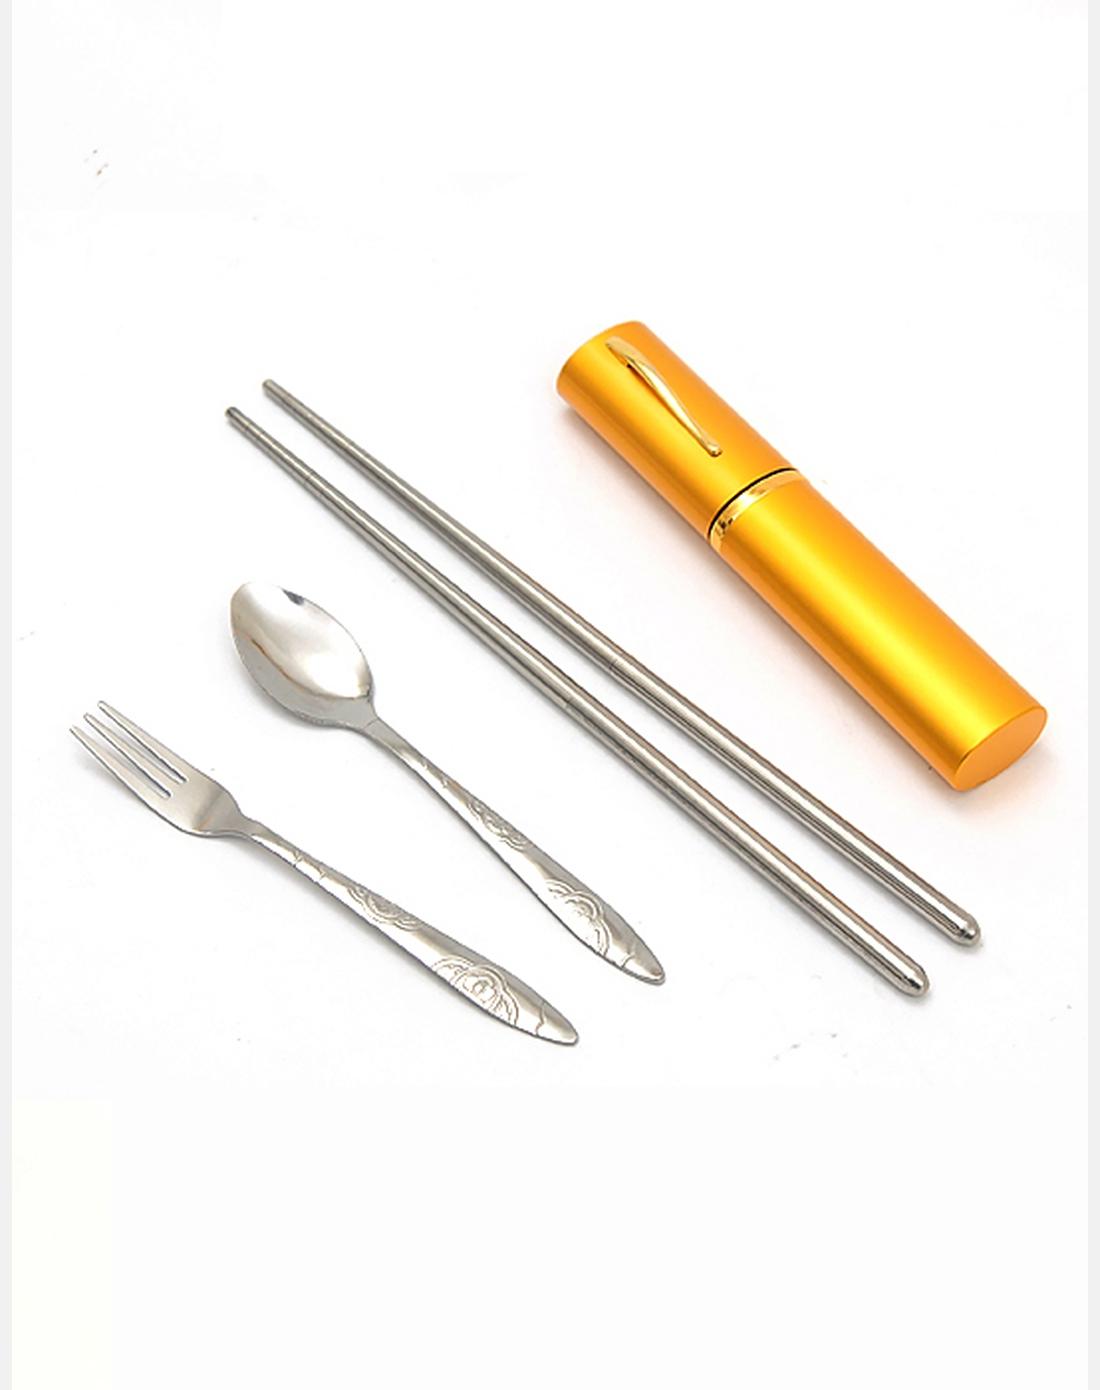 筷子勺子叉子组合餐具